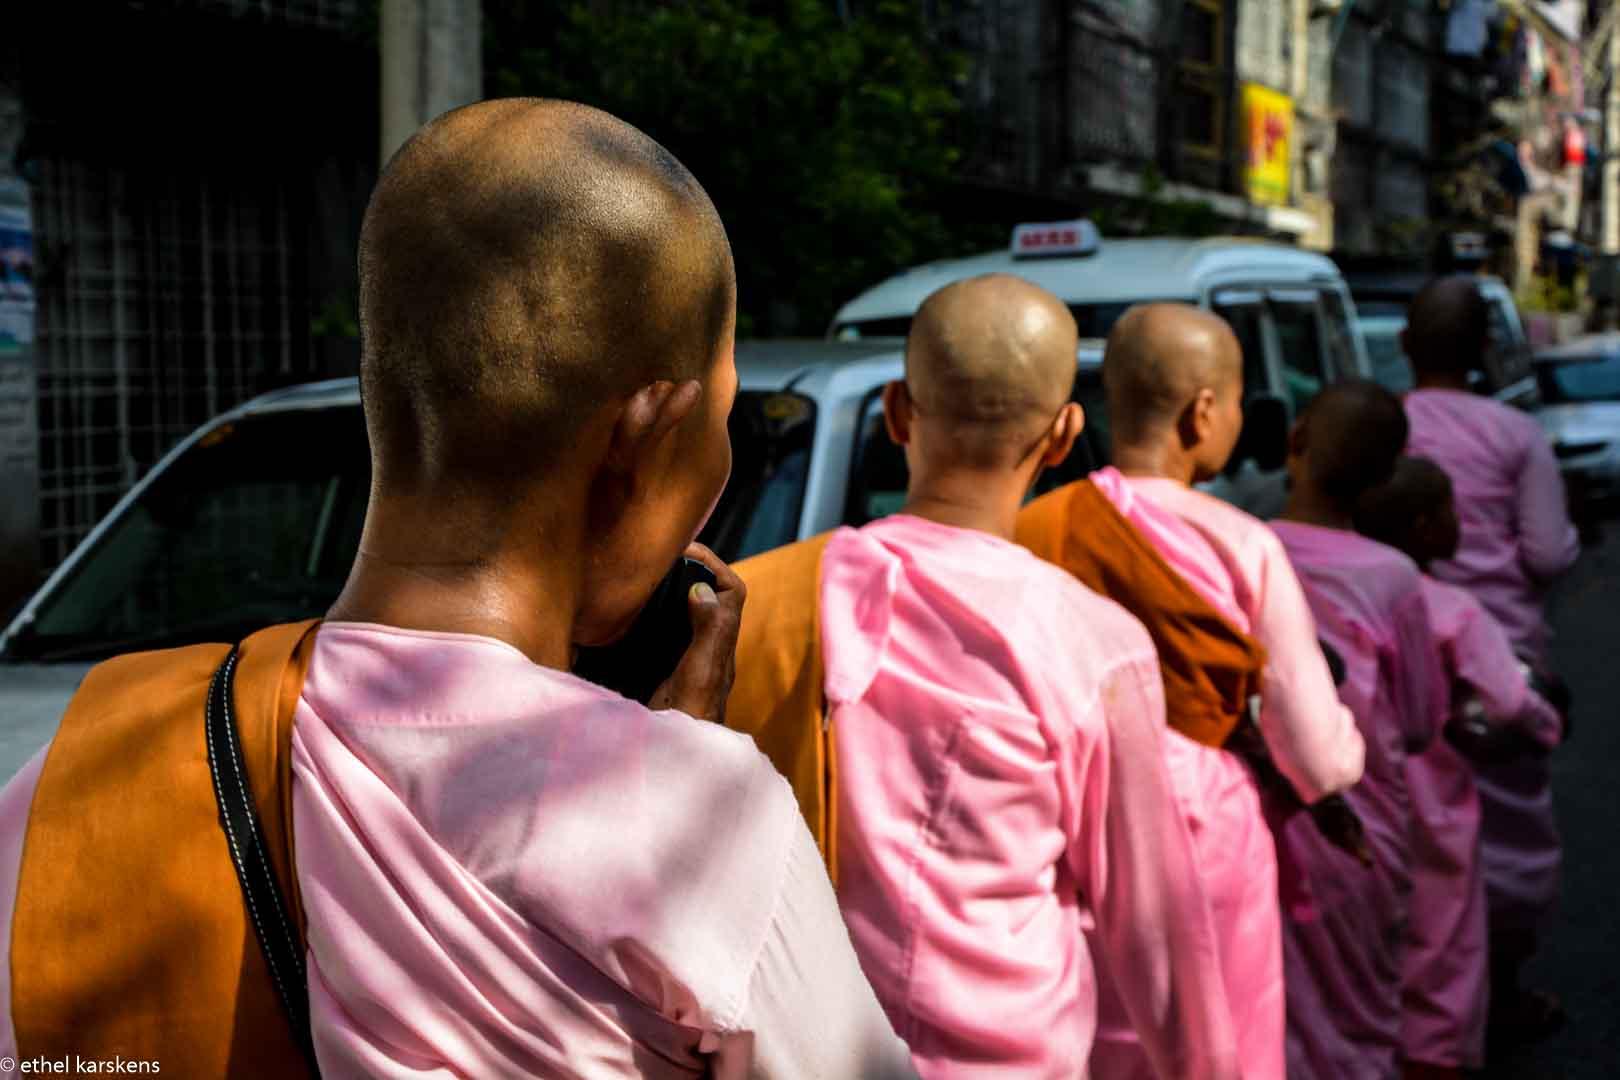 Femmes passant dans les rues de Yangon (l'aumône)